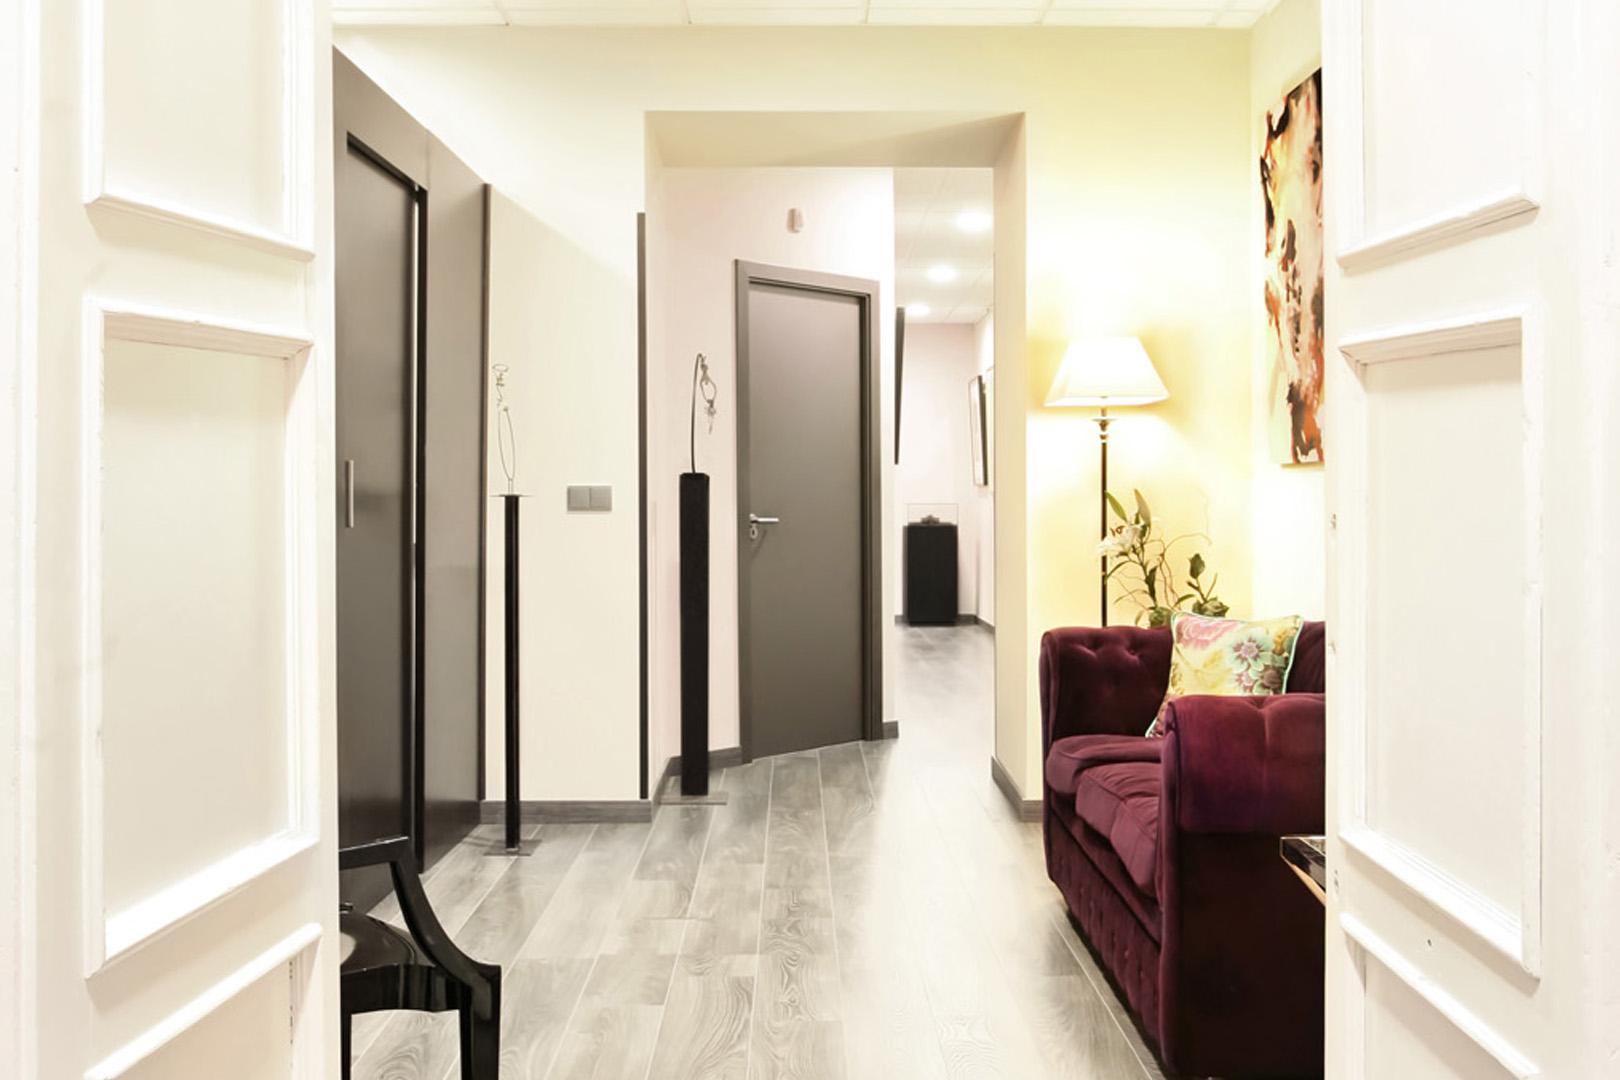 Mdv co proyectos de decoraci n - Proyectos decoracion interiores ...